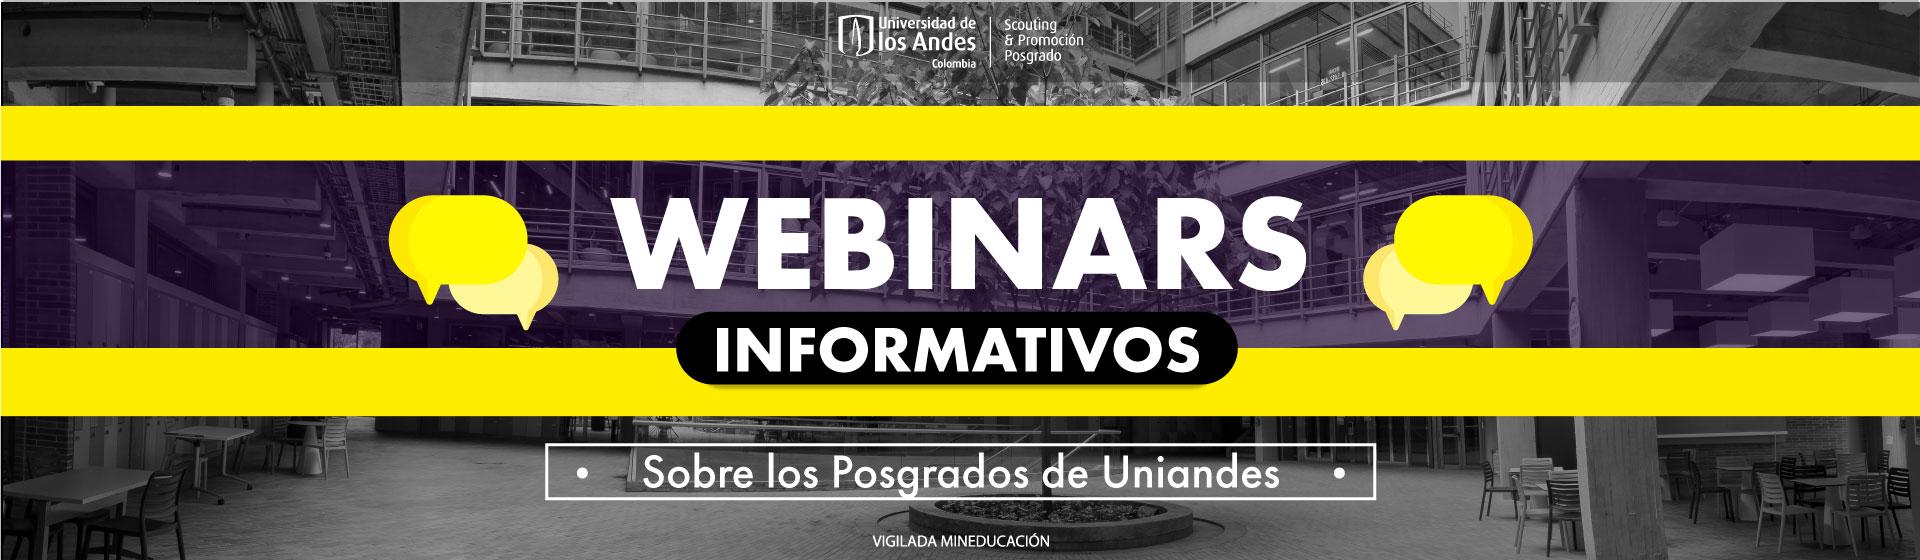 Webinars Informativos sobre los Posgrados de Uniandes